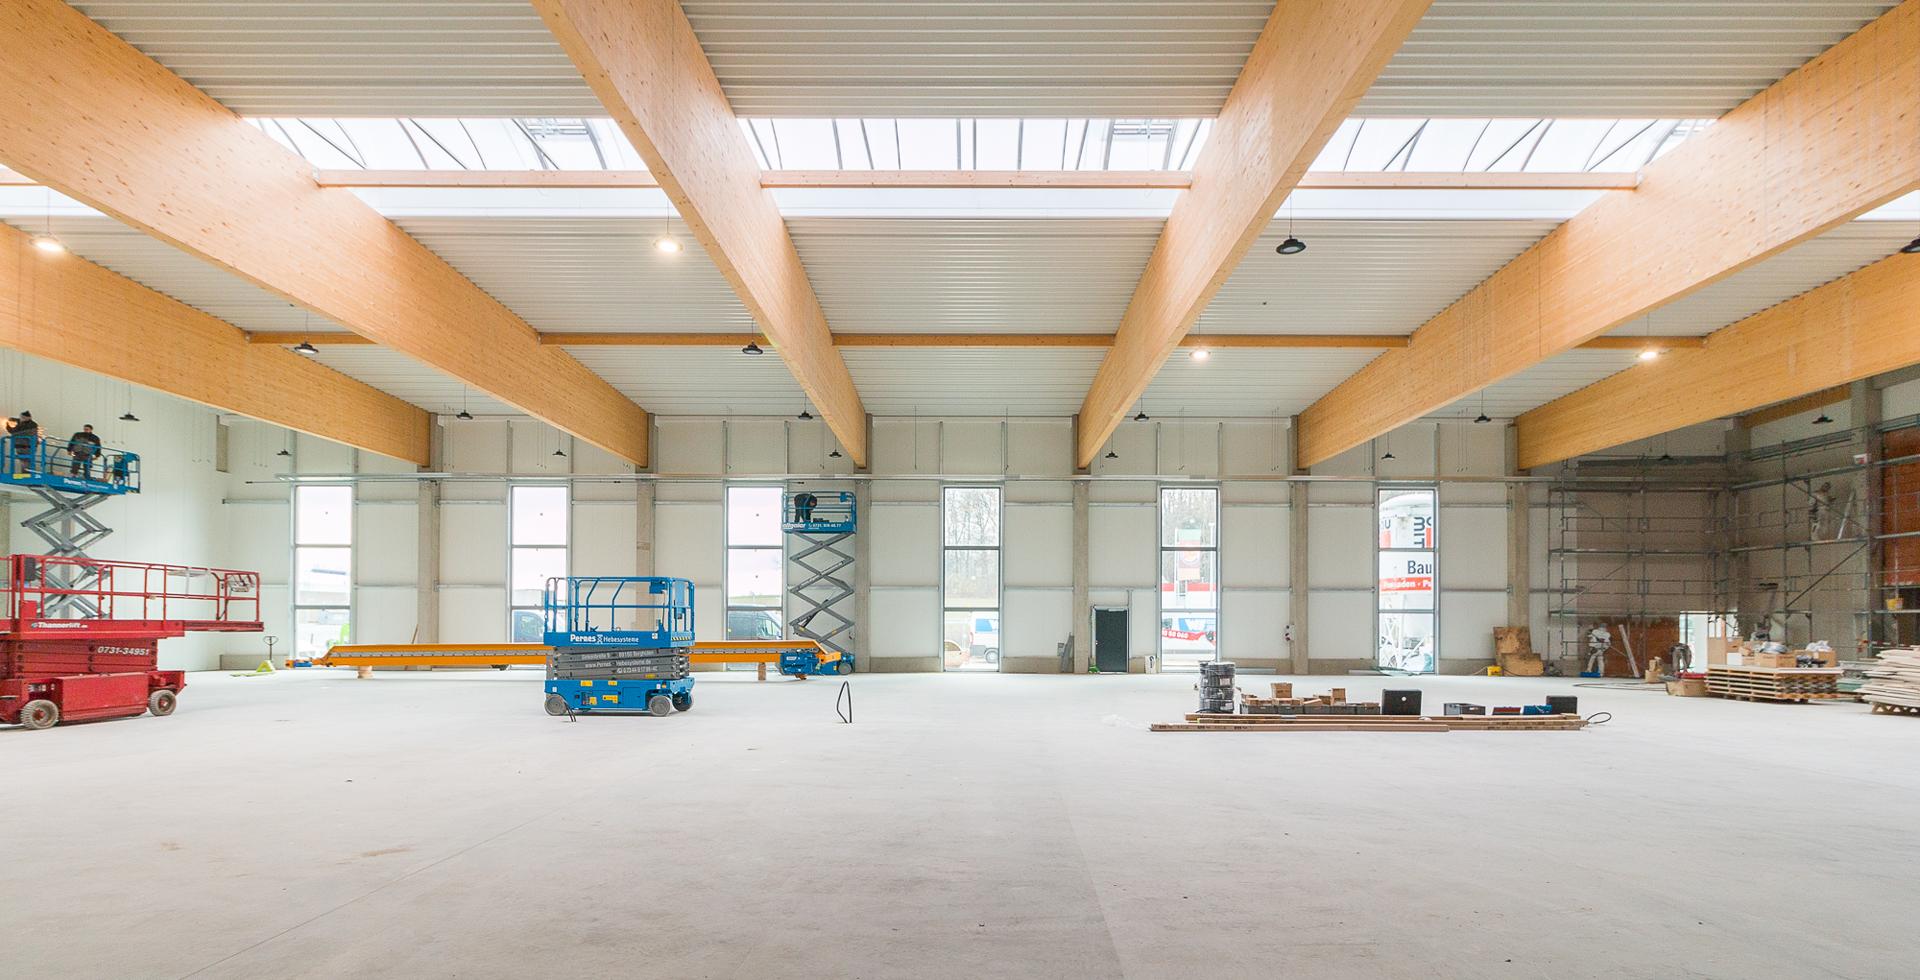 Nova zgrada u Nersingenu: Biesse postavlja kurs za budućnost